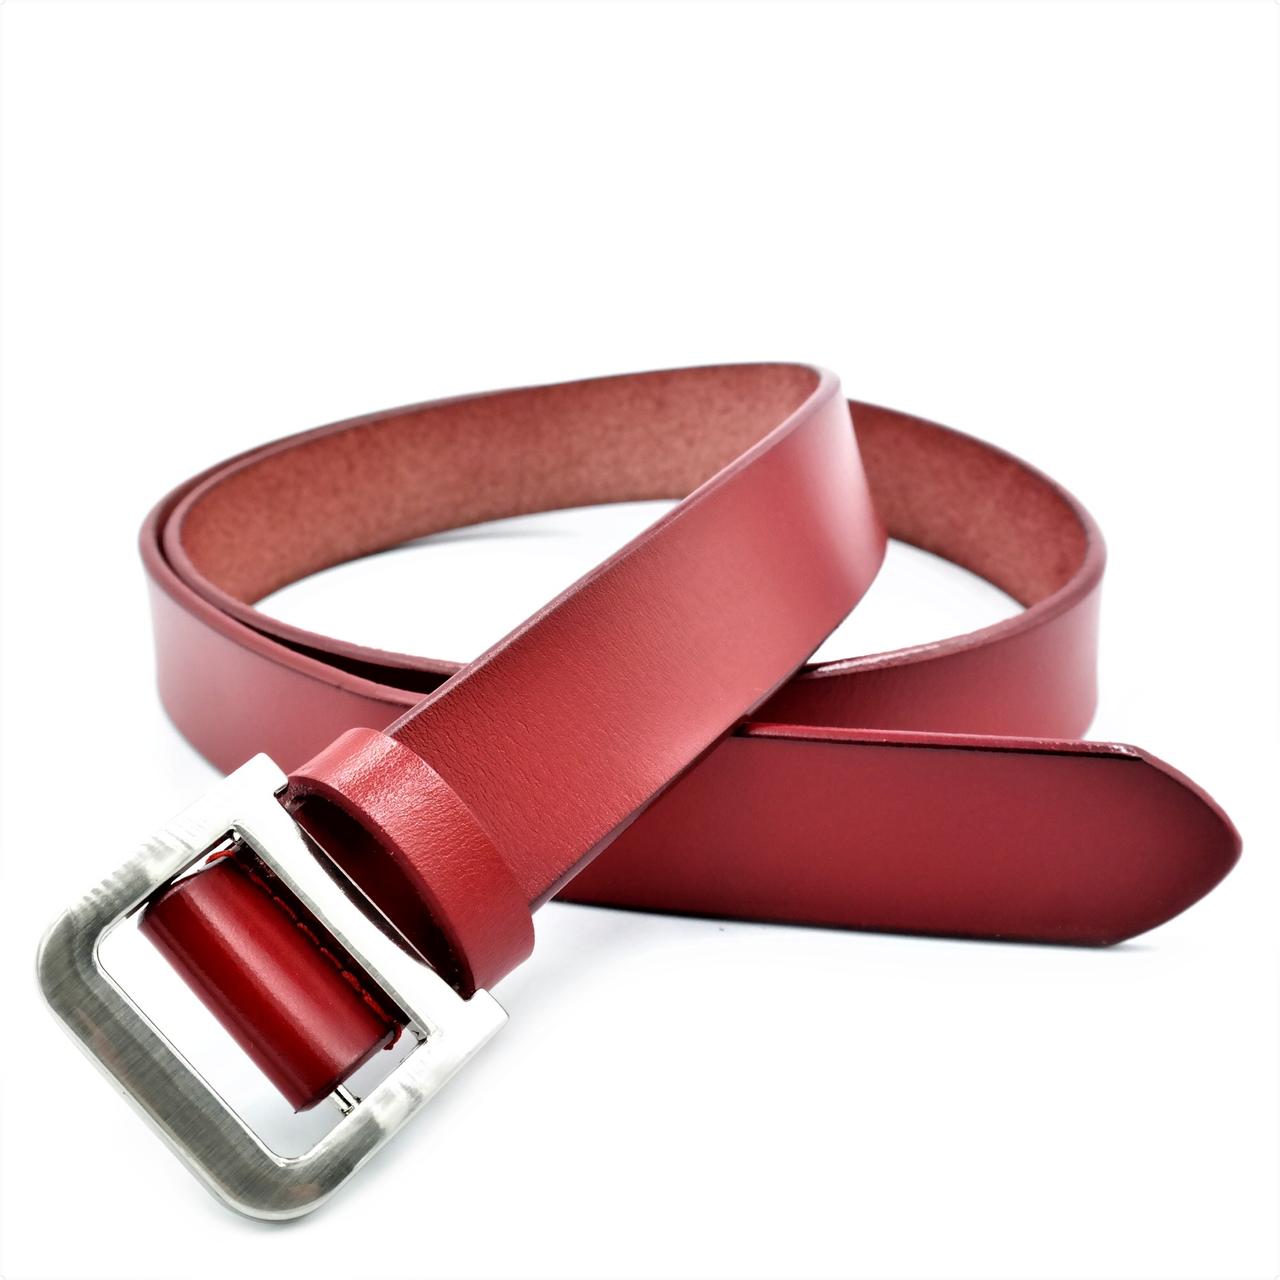 Жіночий шкіряний ремінь Le-Mon 110-115 см Червоний (nwzh-30k-0052)